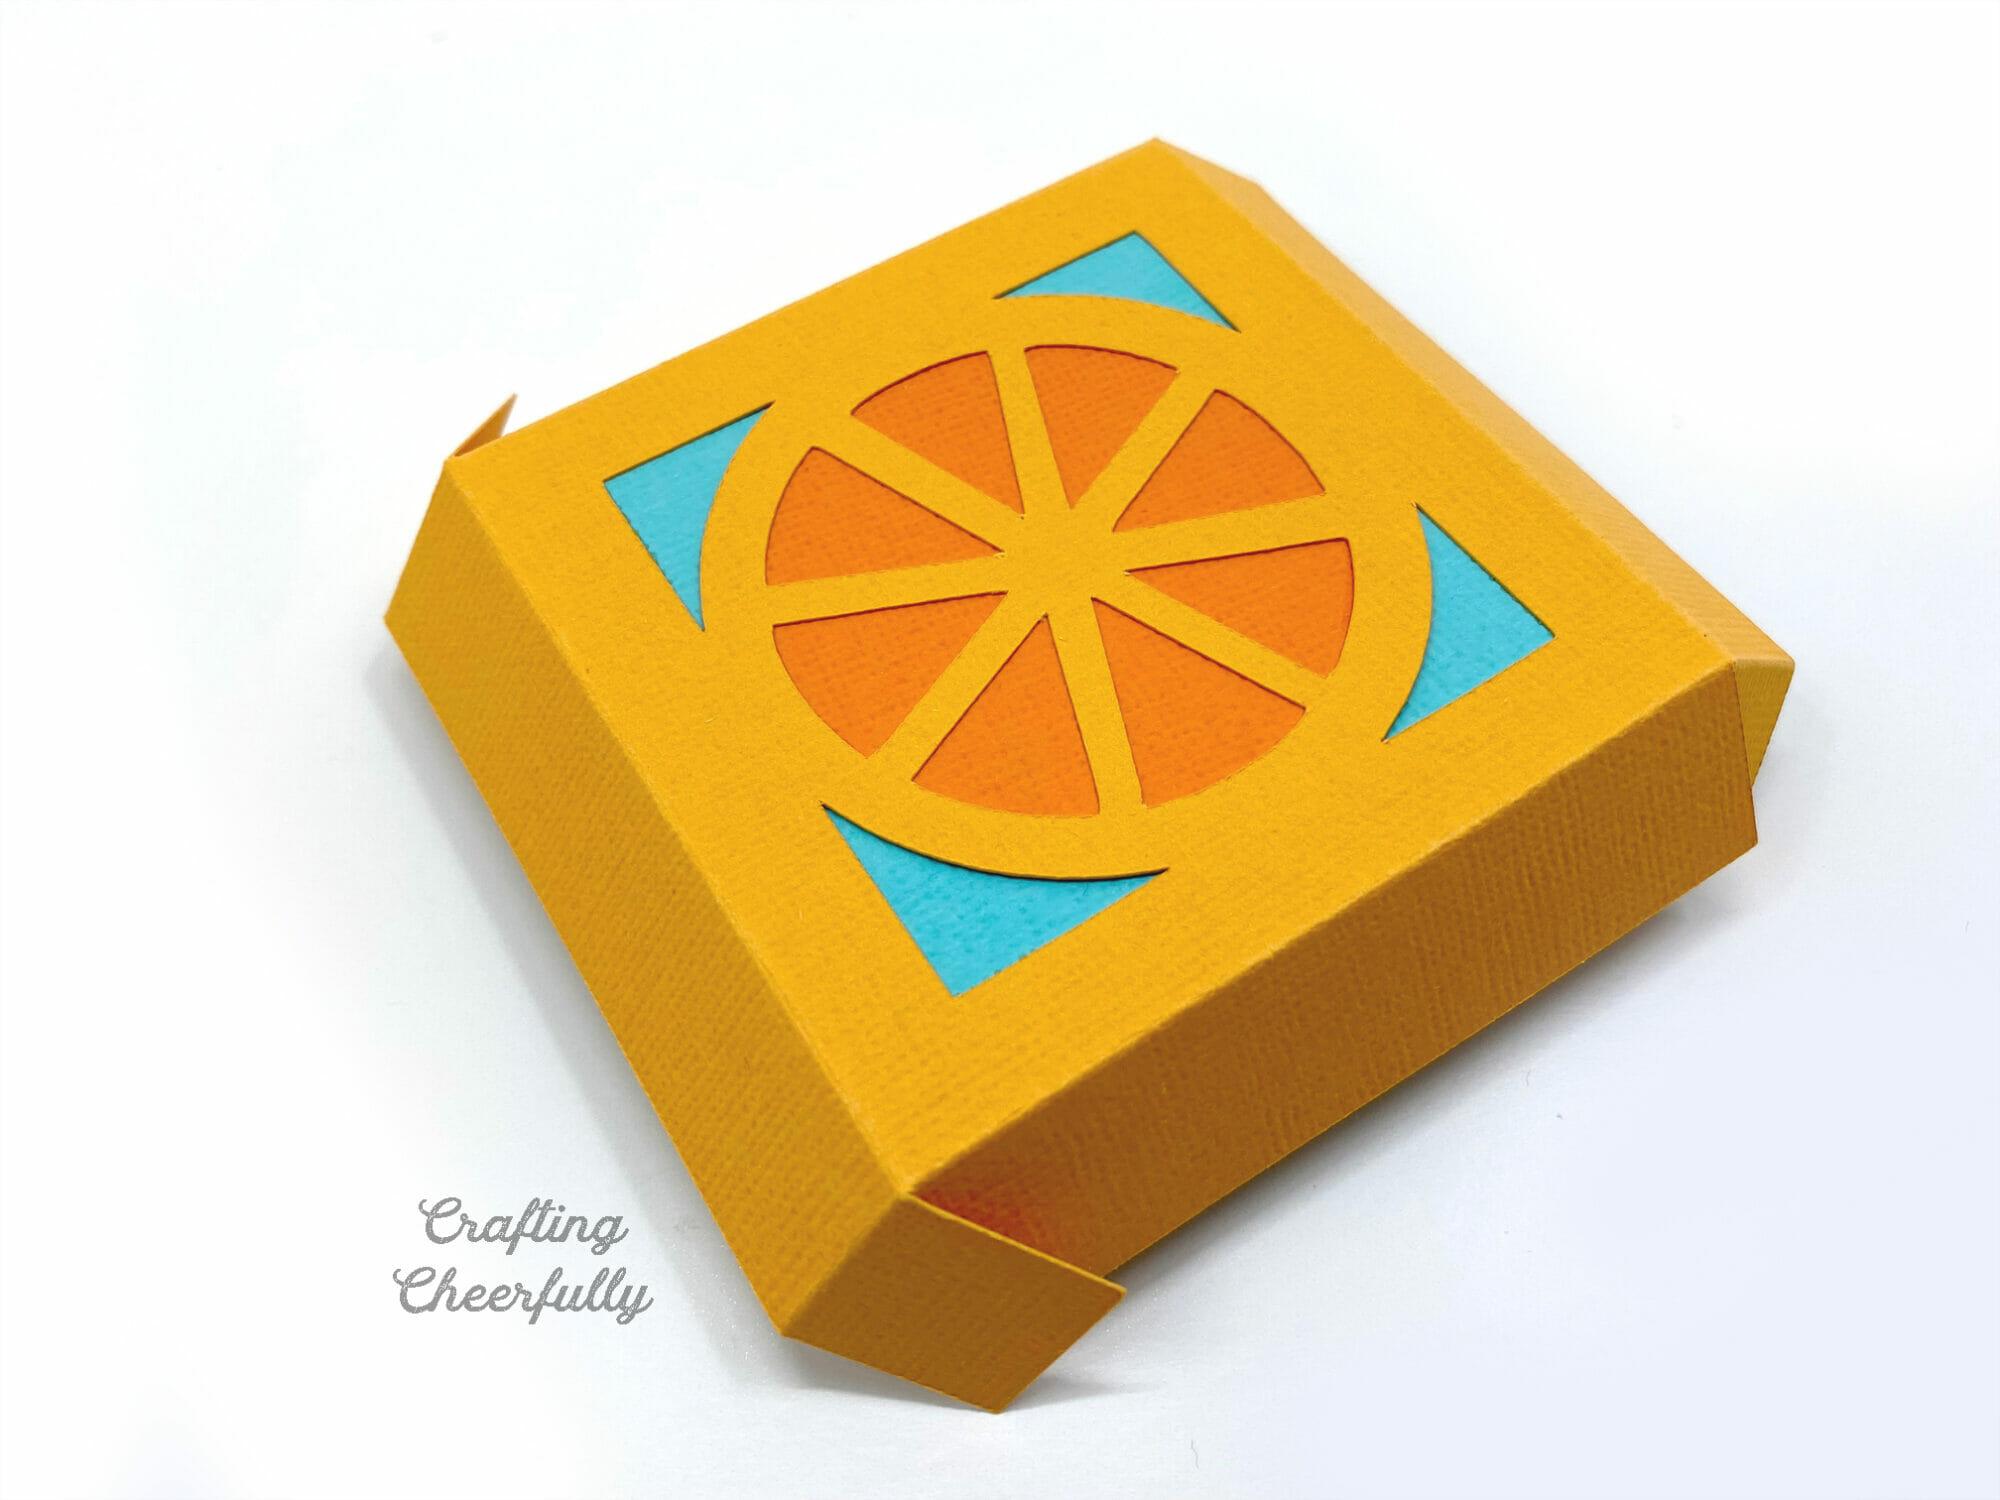 The lid for a Orange tutti frutti party favor box.